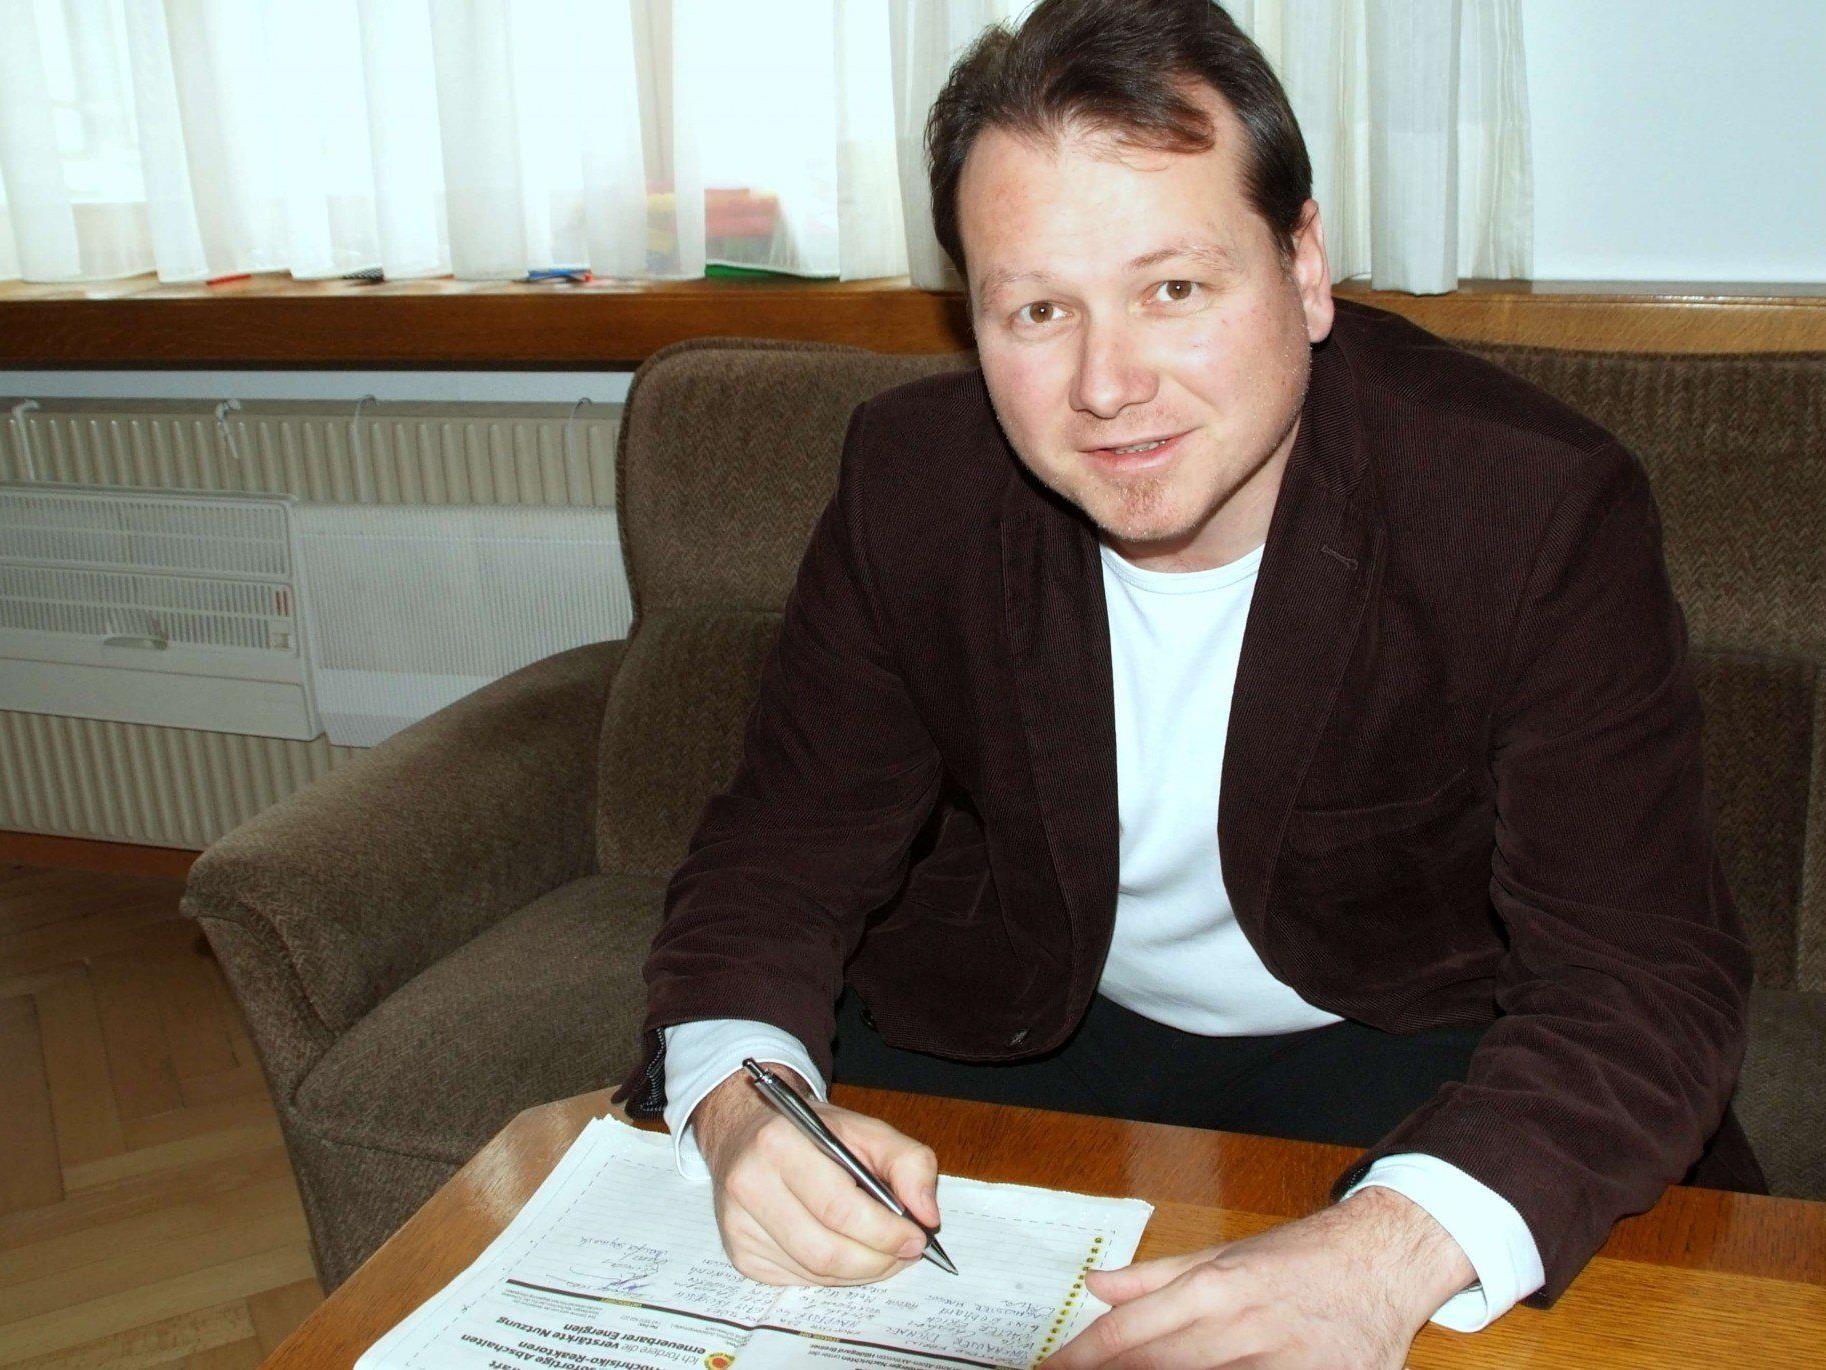 Bgm. Harald Witwer erhielt volle Zustimmung zum Budget 2013